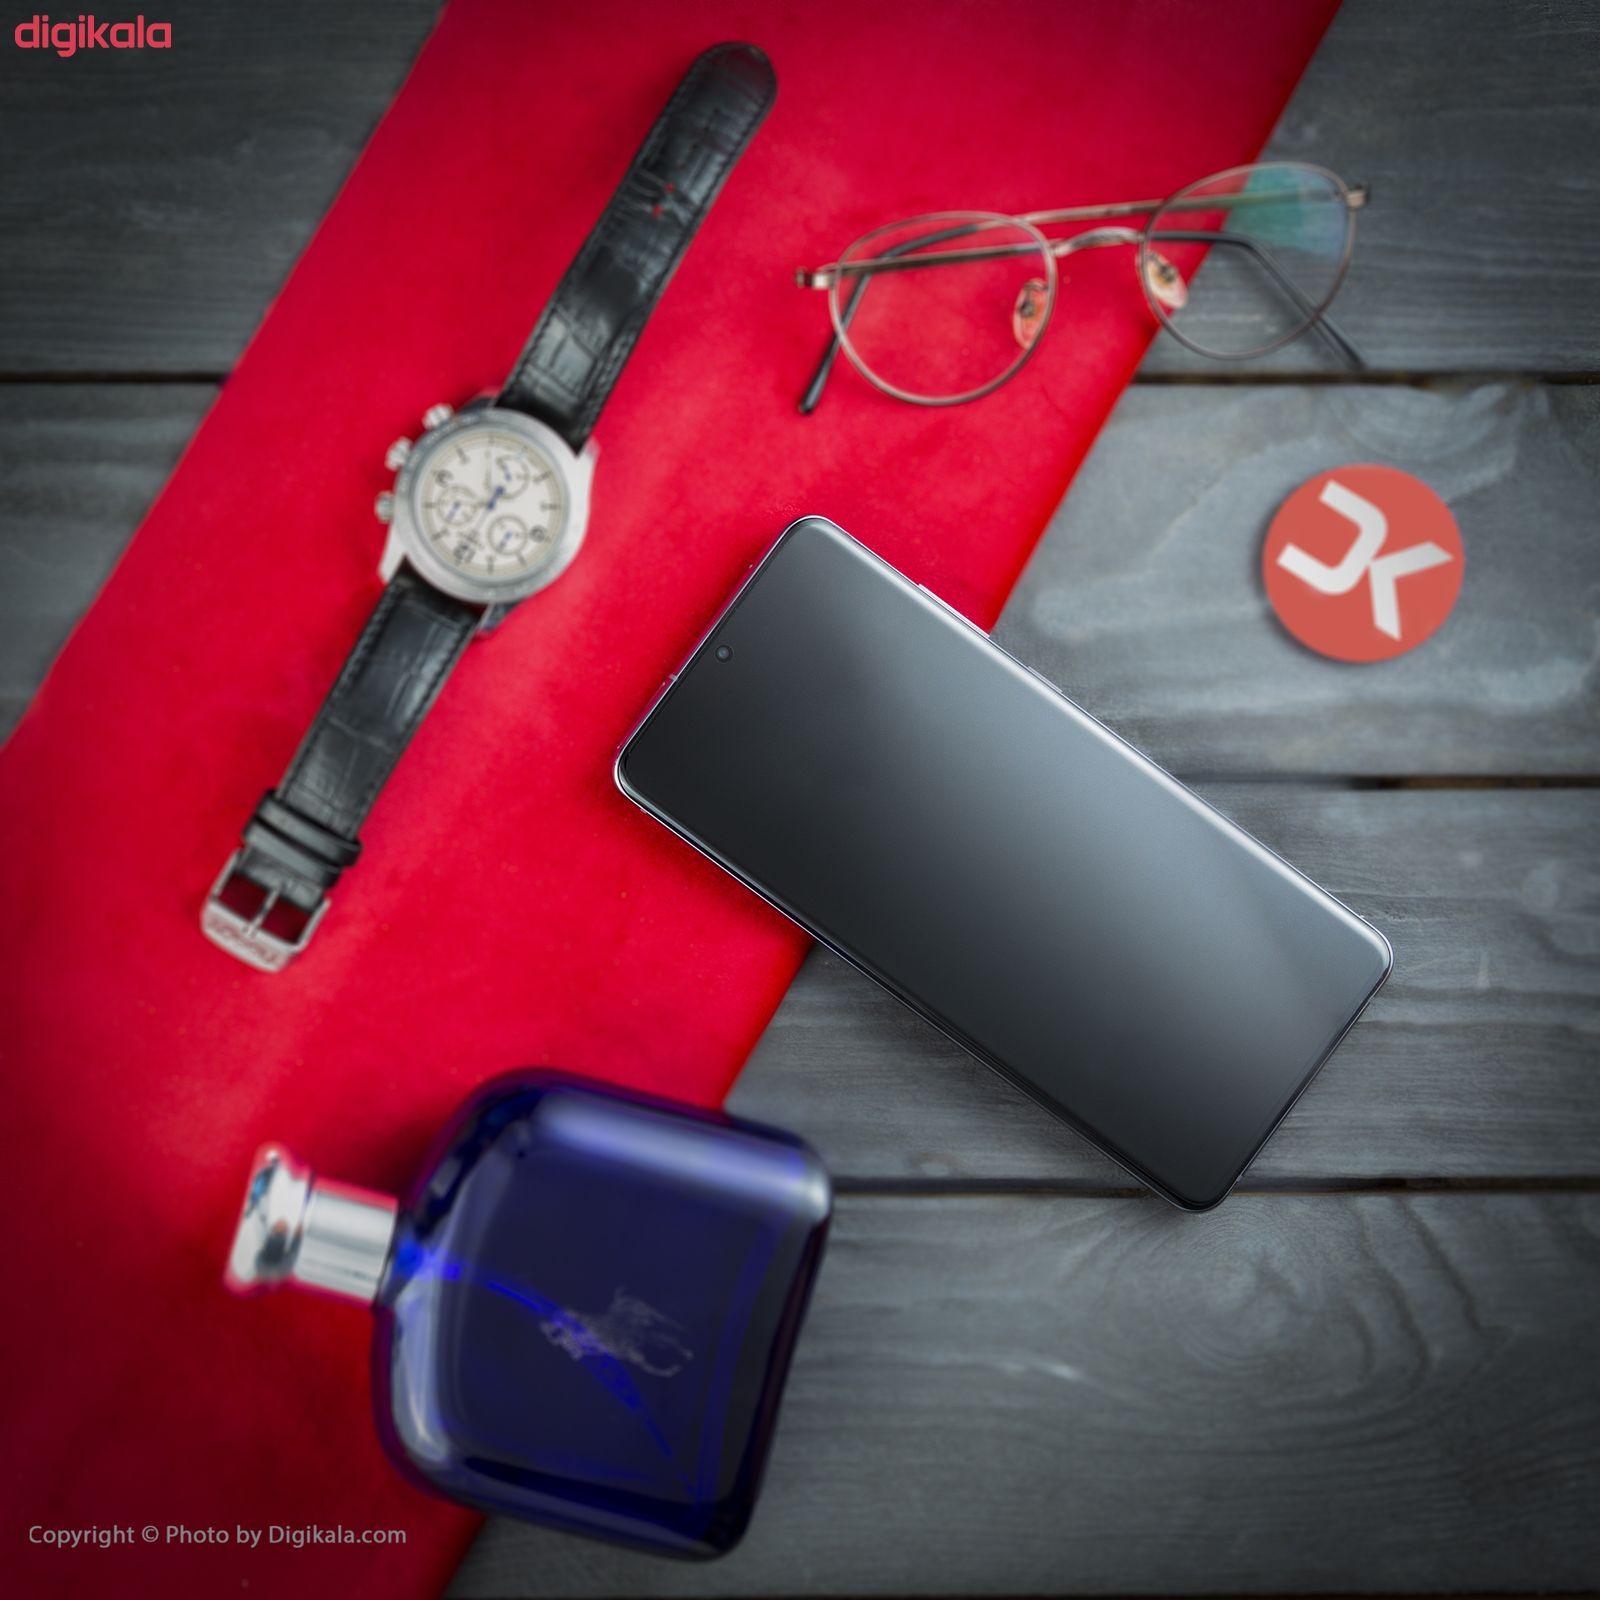 گوشی موبایل سامسونگ مدل  Galaxy S20 Ultra SM-G988B/DS دو سیم کارت ظرفیت 128 گیگابایت  main 1 25